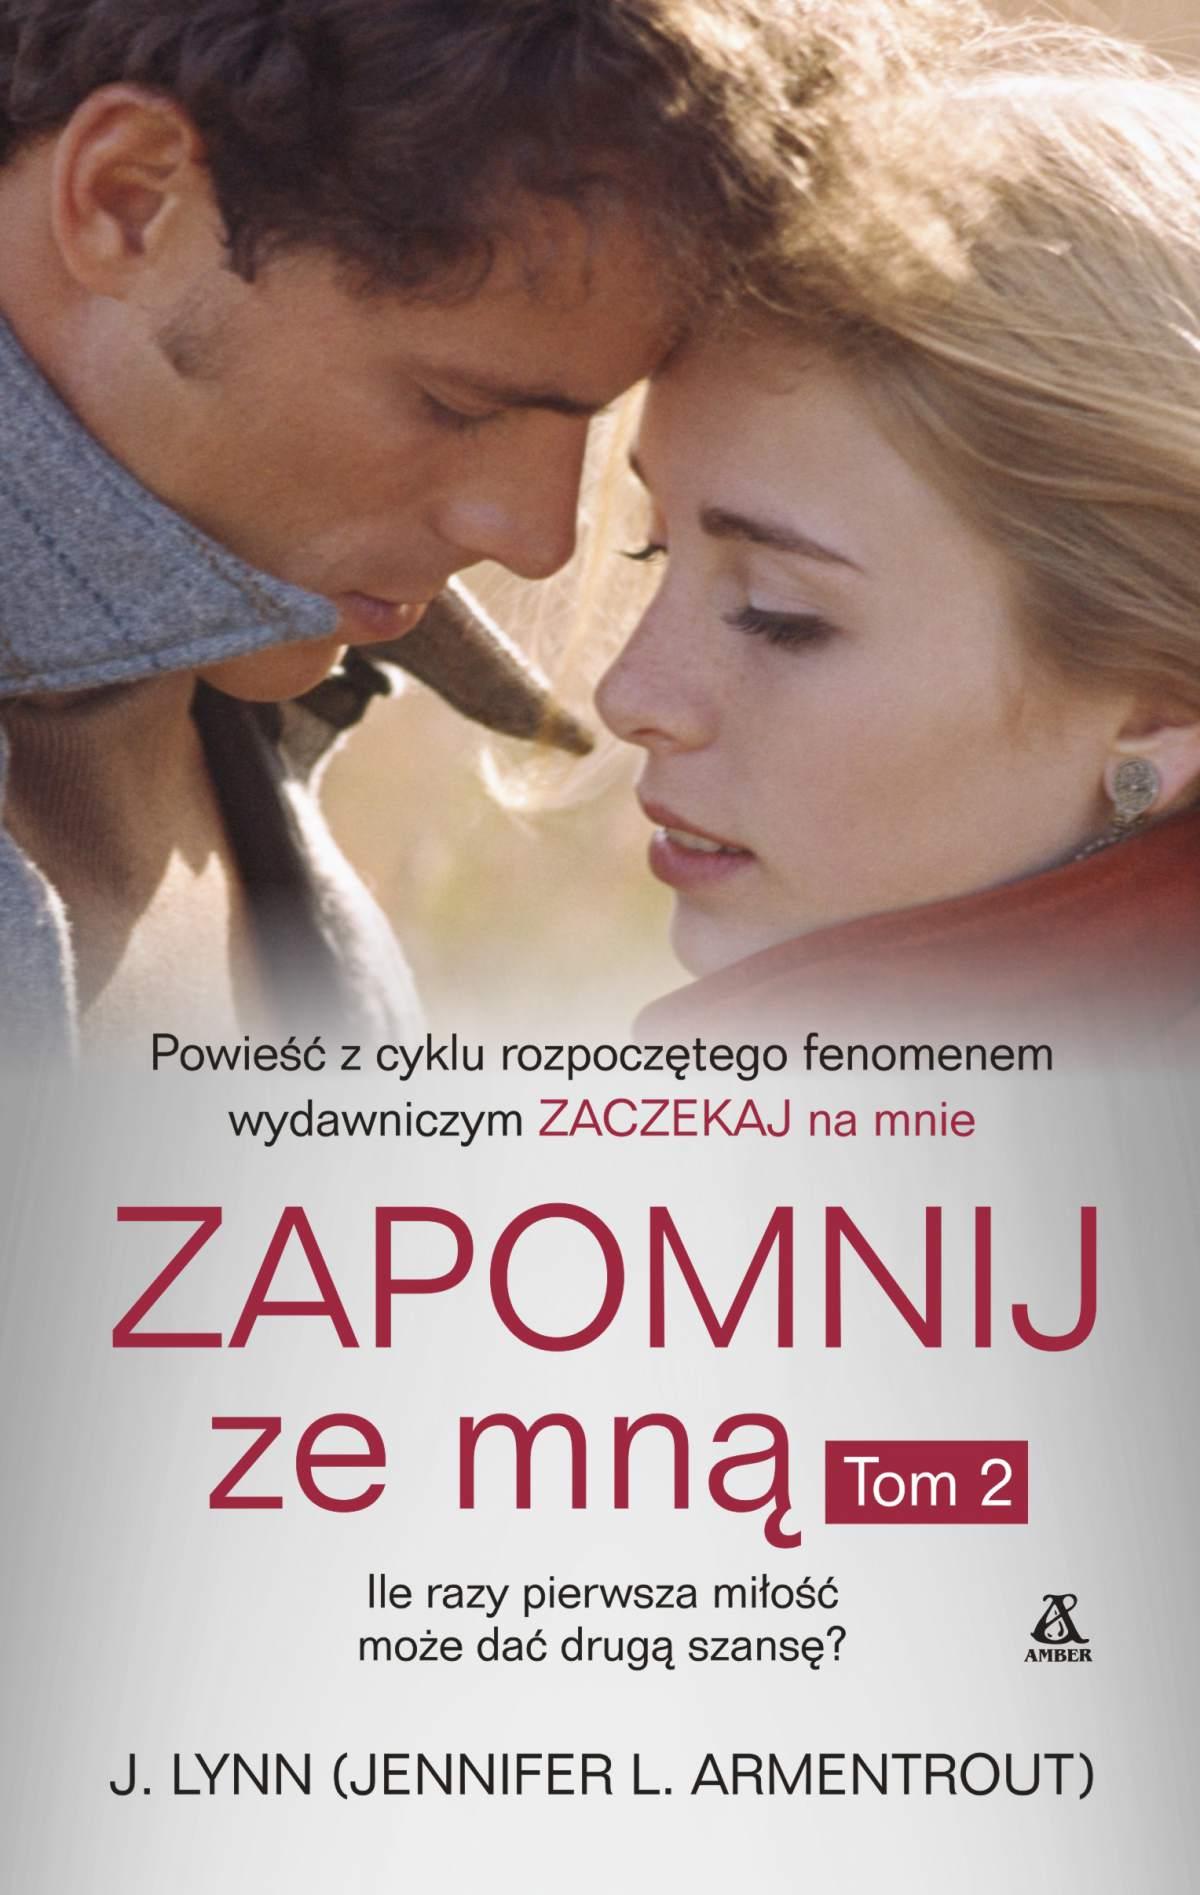 Zapomnij ze mną. Tom 2 - Ebook (Książka EPUB) do pobrania w formacie EPUB